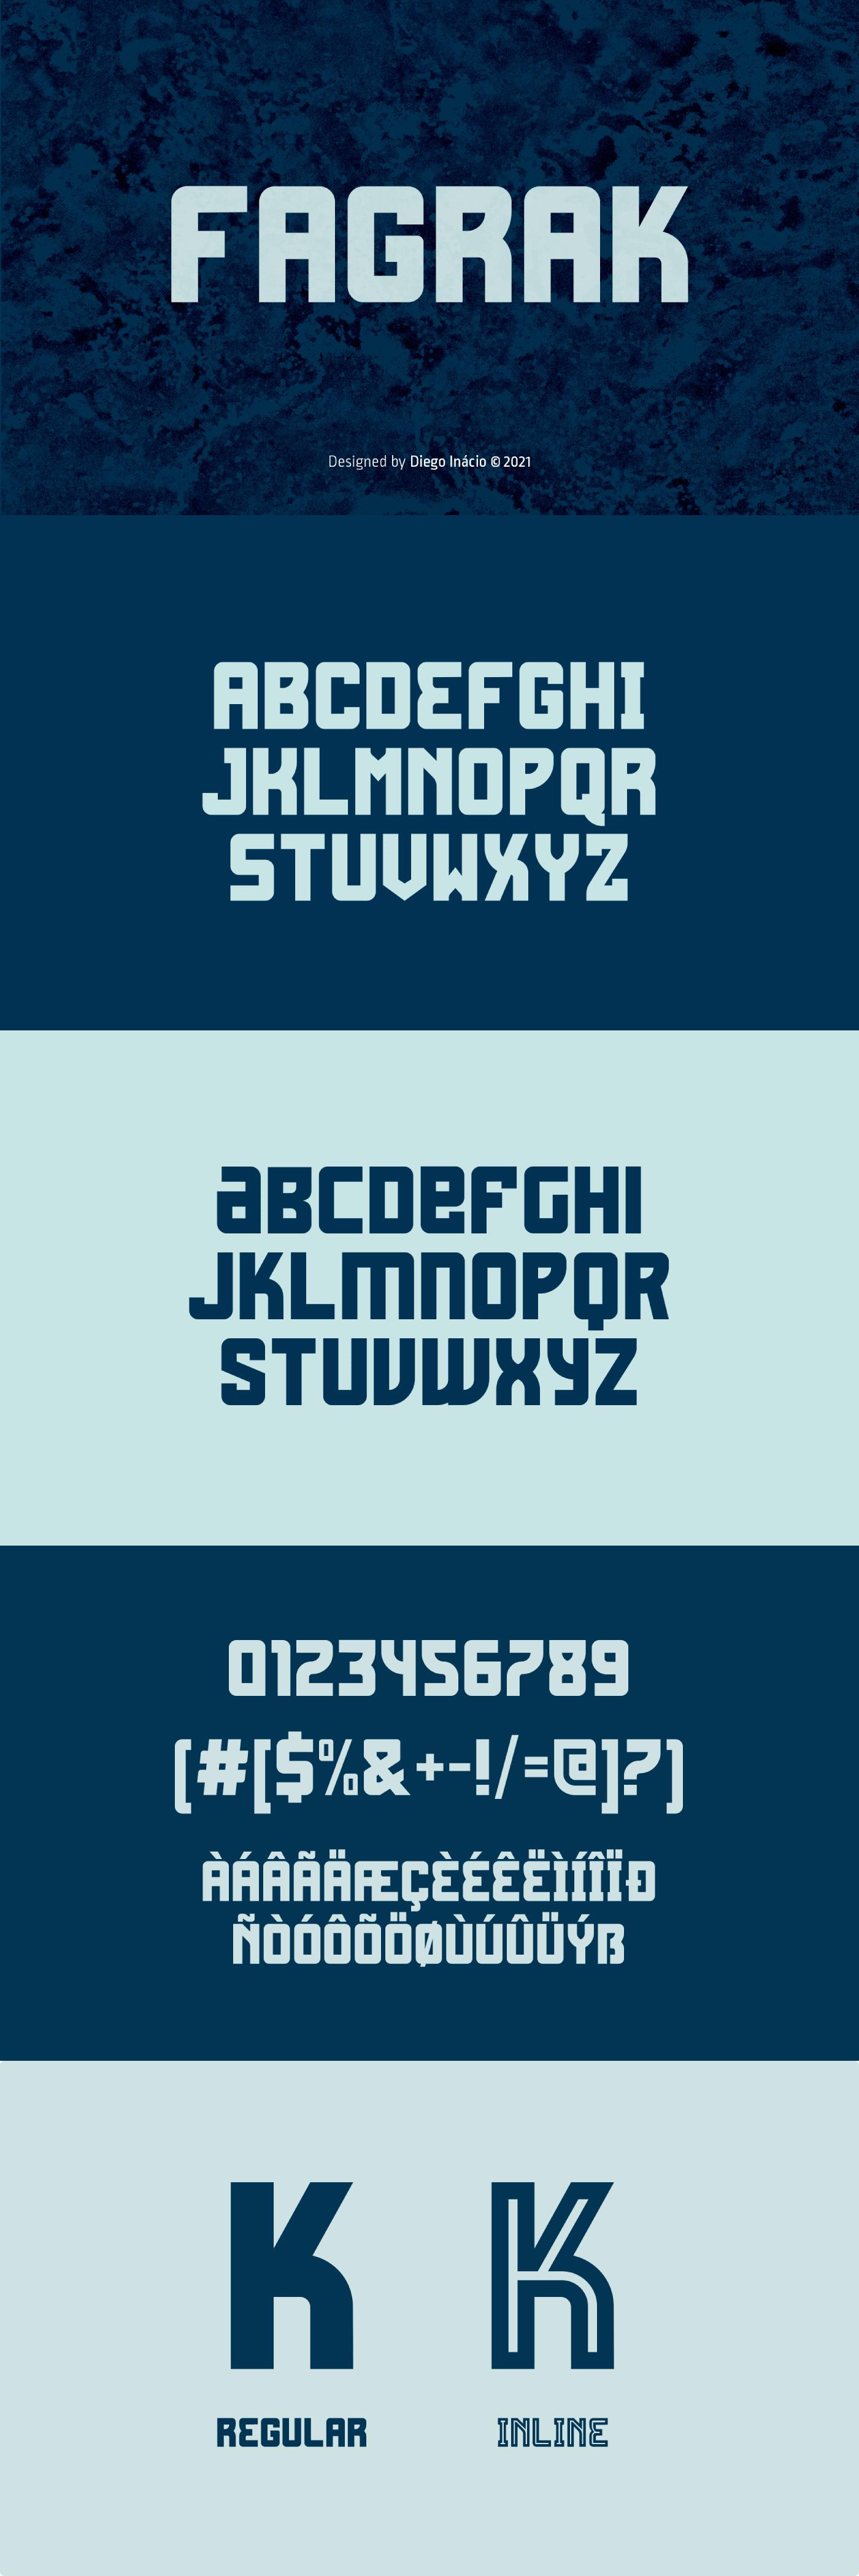 bold brush dispaly font free freebie sans serif type Typeface